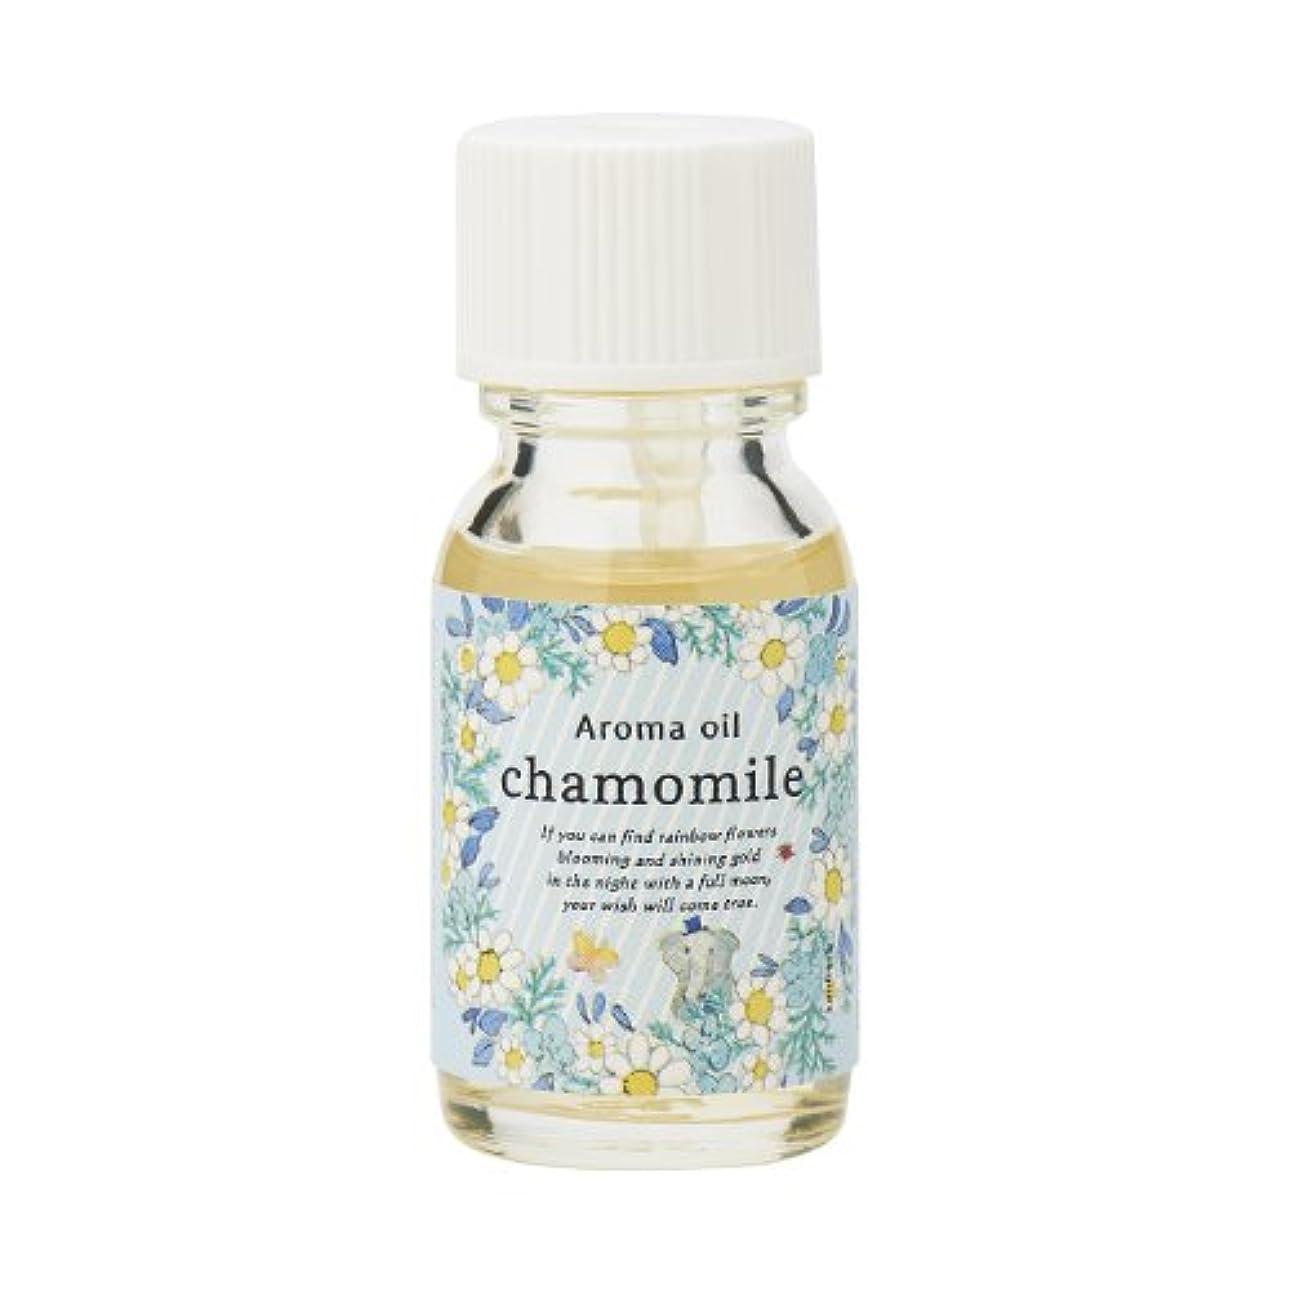 最愛の浅い懺悔サンハーブ アロマオイル カモマイル 13ml(やさしく穏やかな甘い香り)